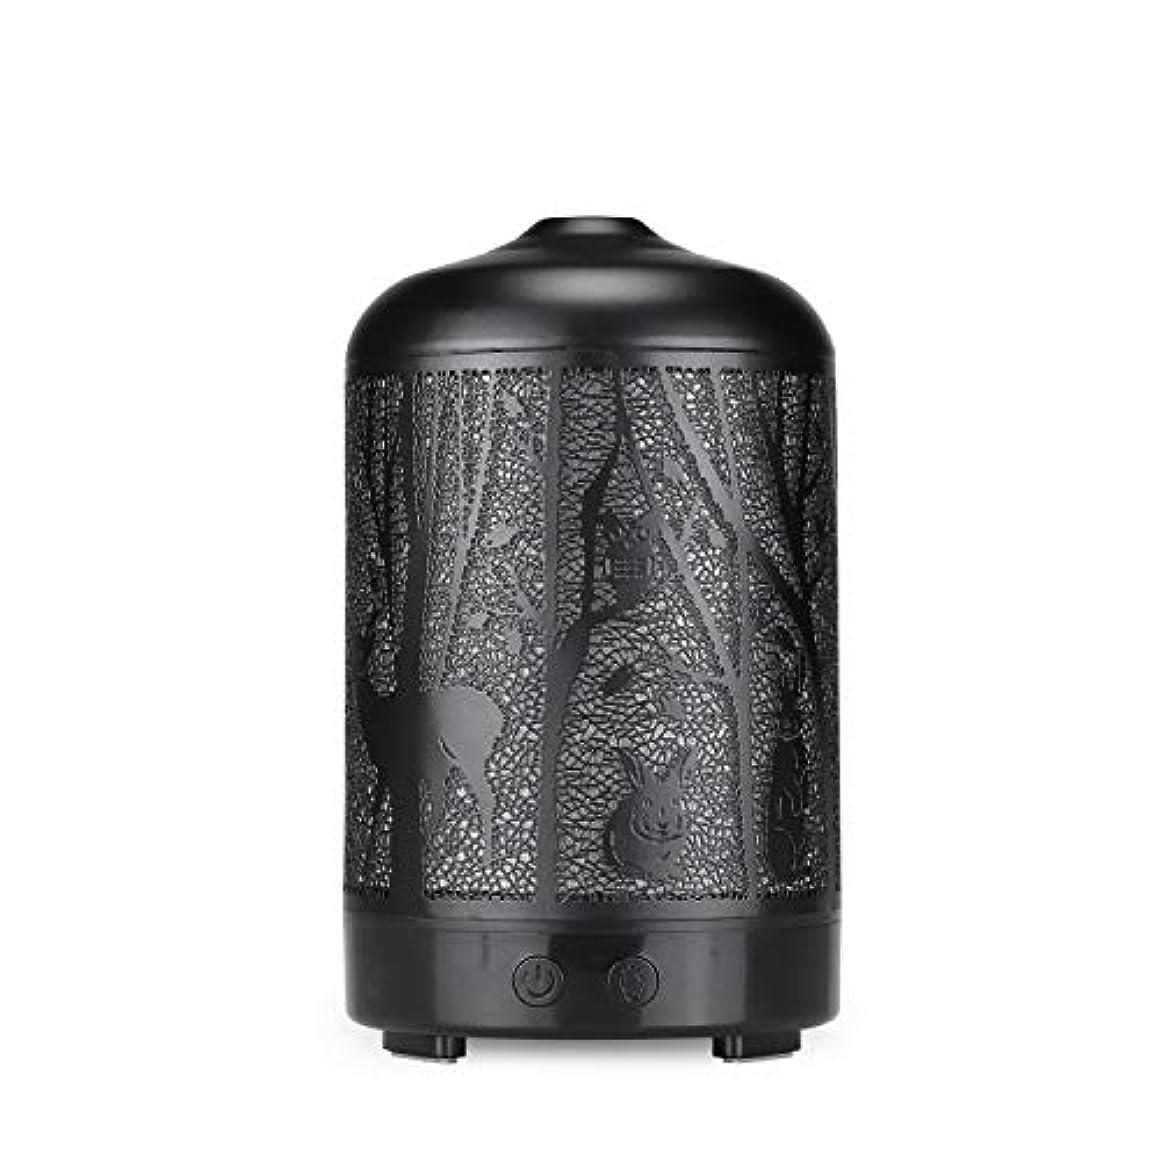 グラス吸収スリルエッセンシャルオイルディフューザー、100 ml超音波金属ディアーアロマセラピー香り油拡散気化器加湿器